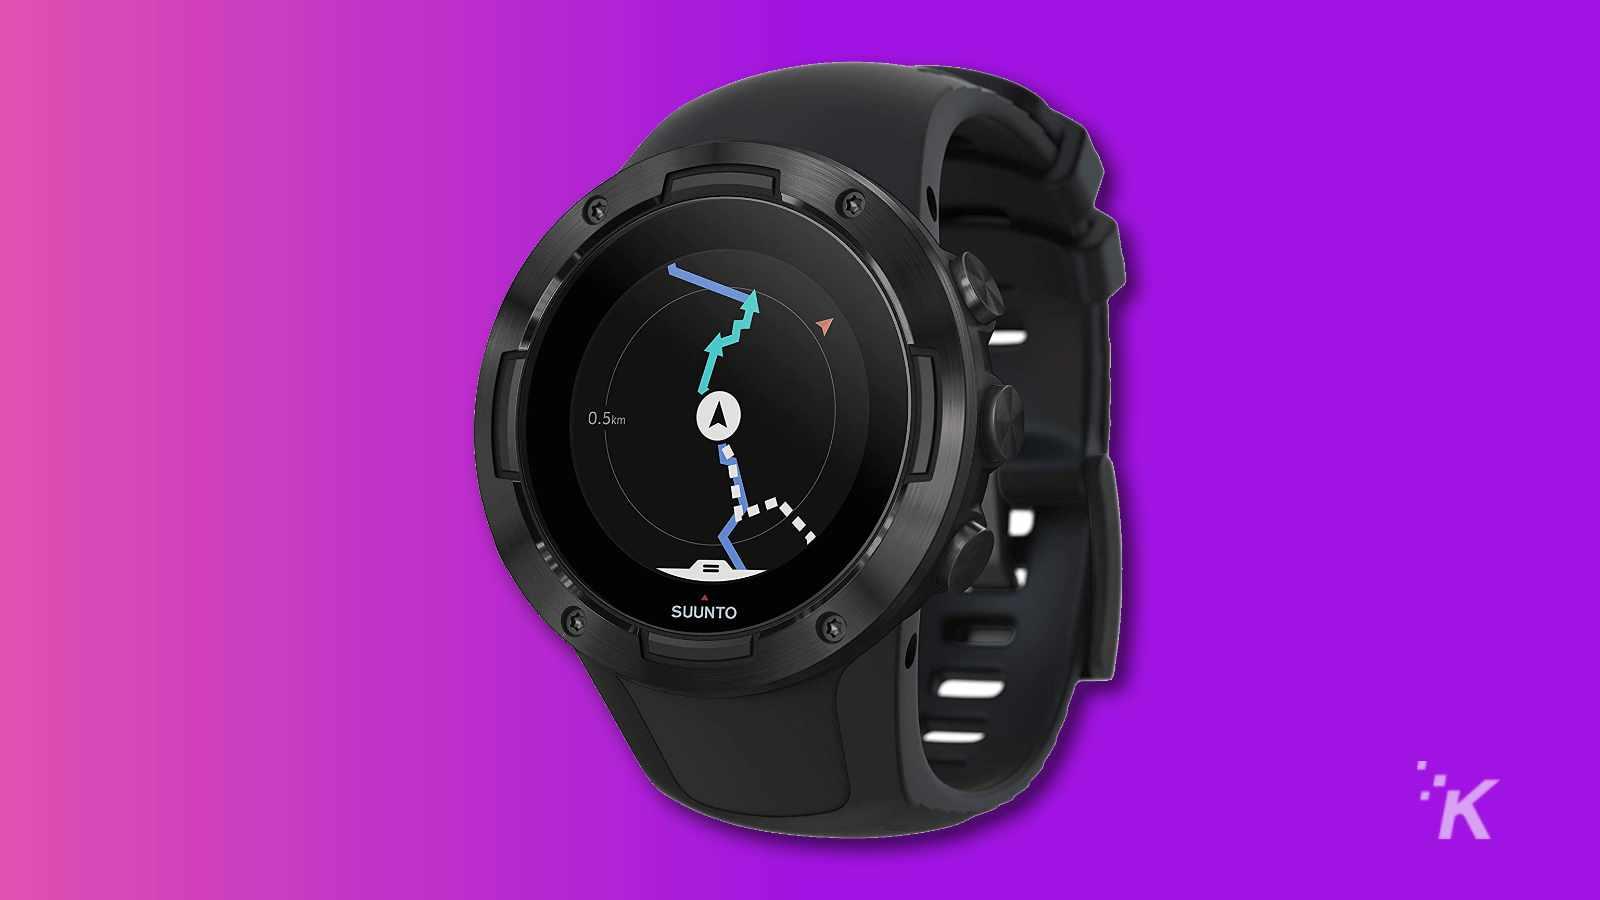 suunto 5 smartwatch